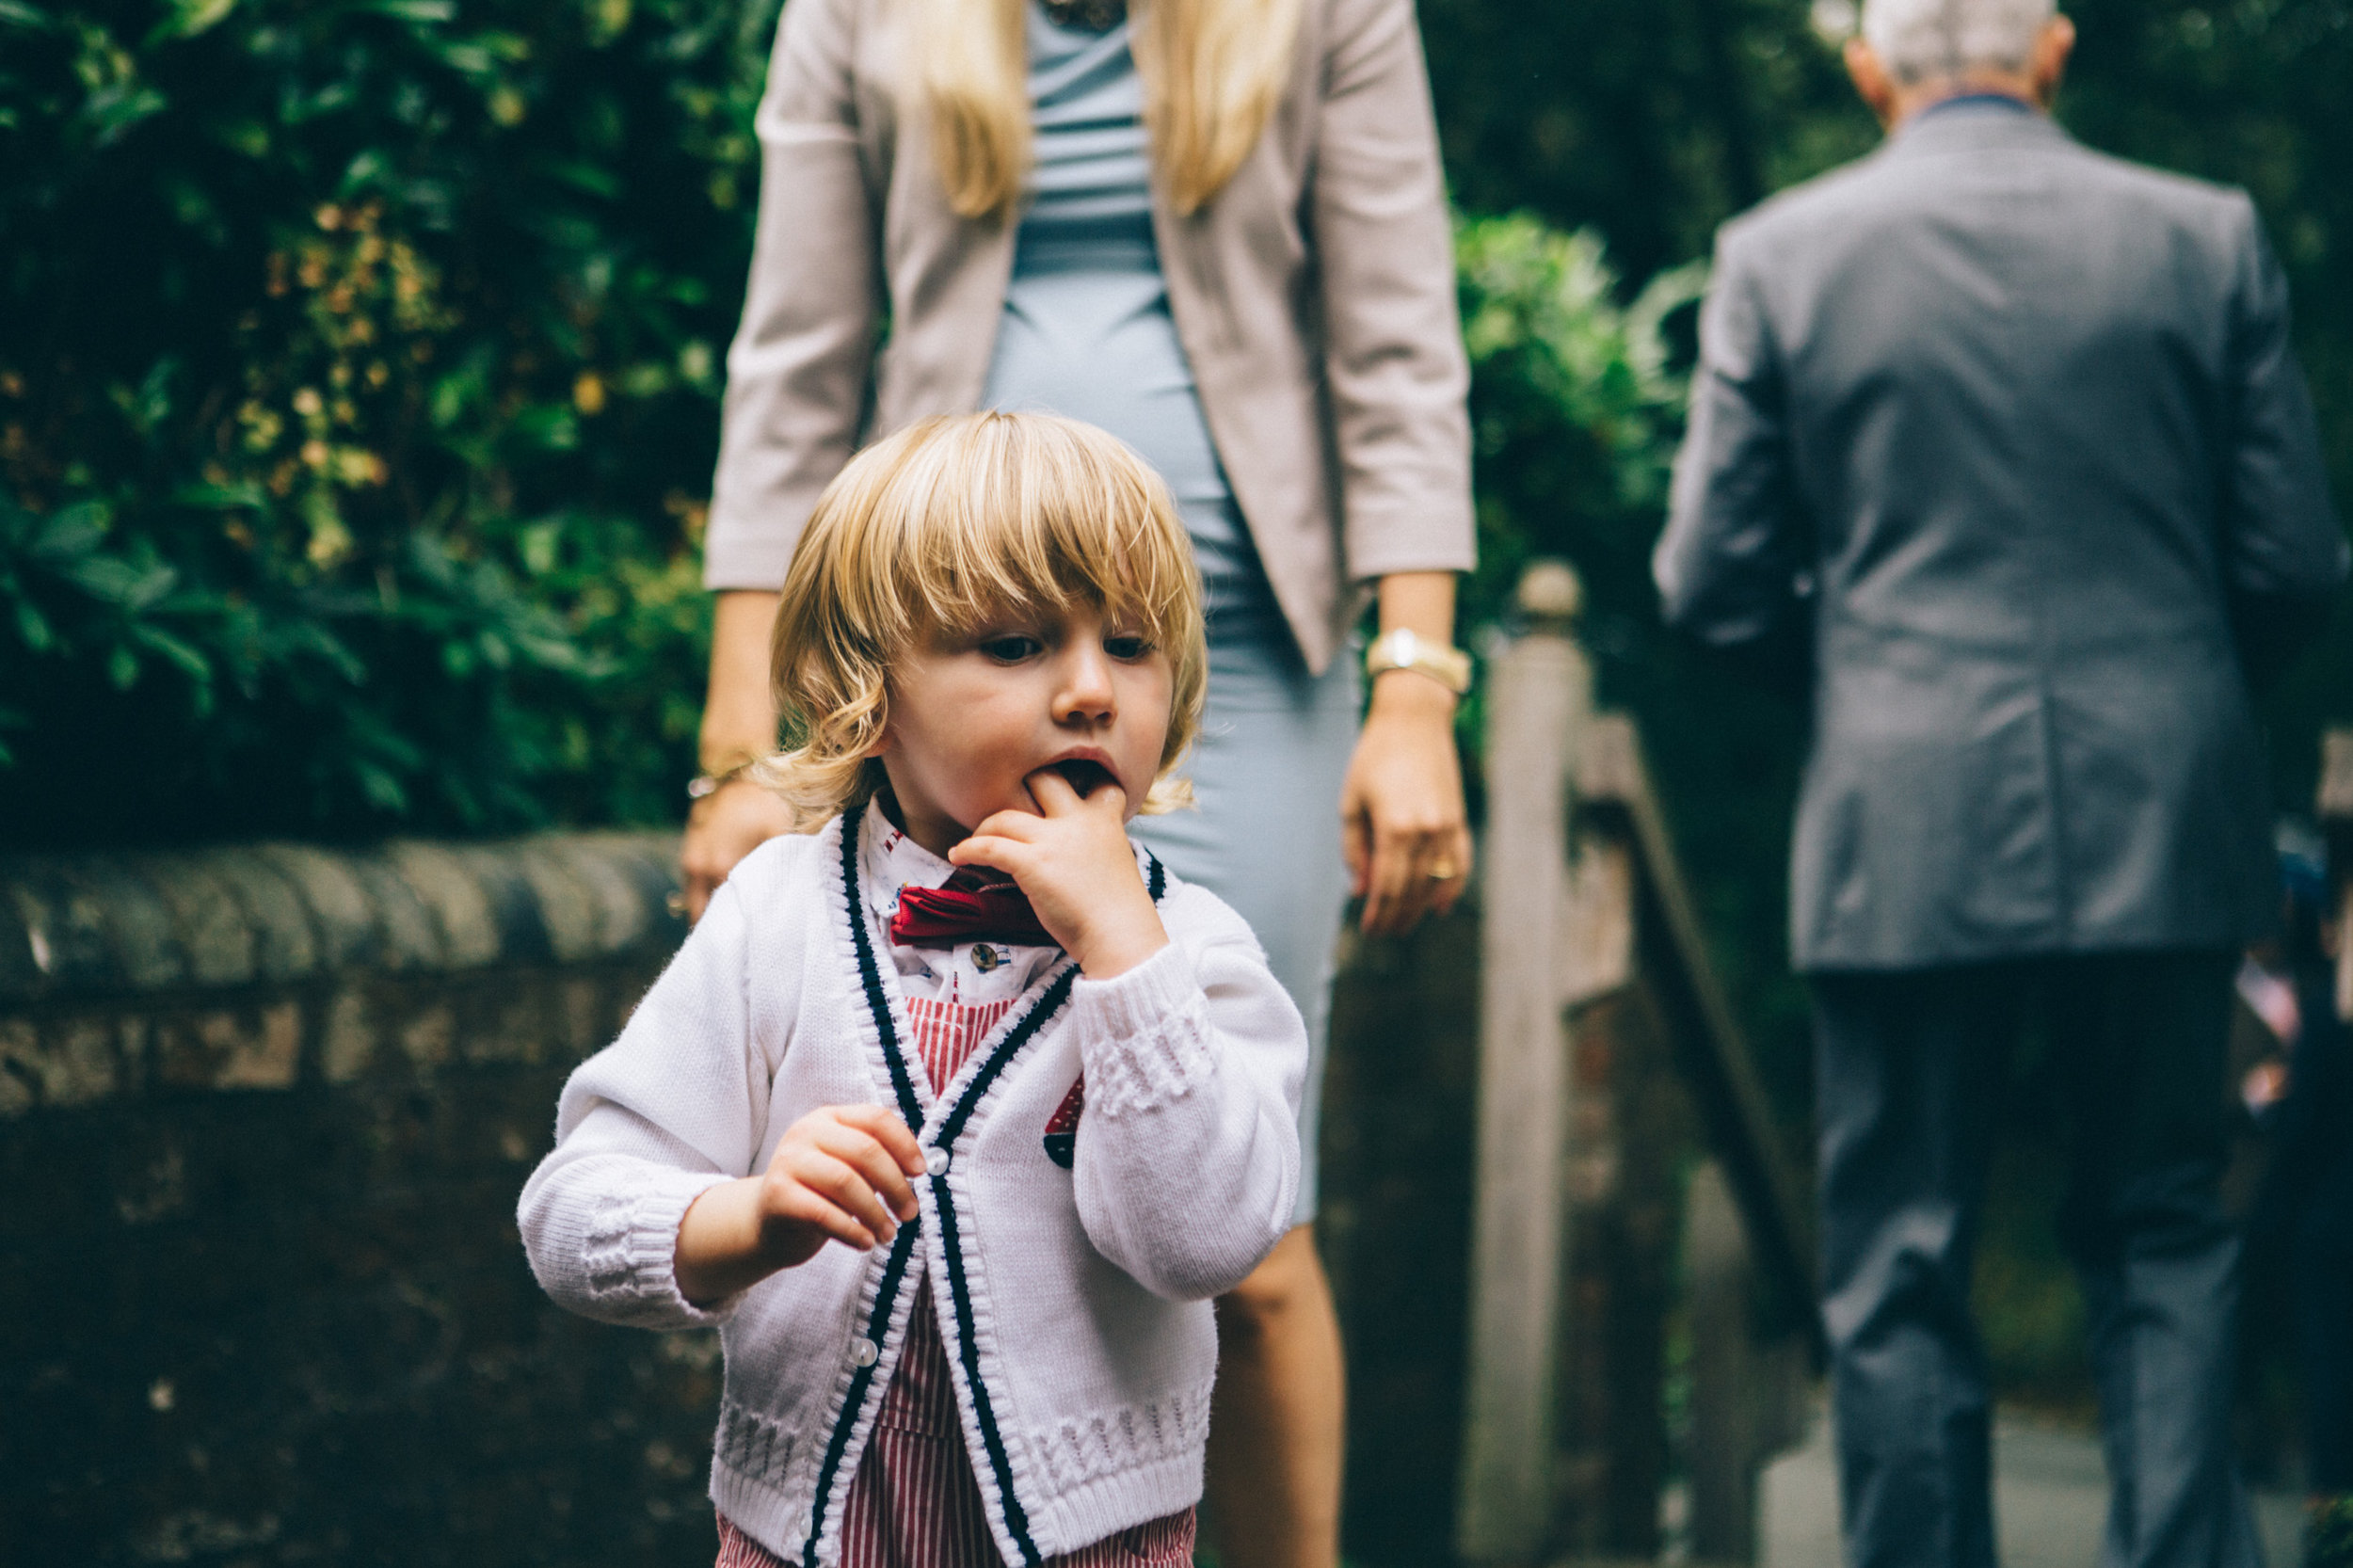 uk wedding photographer artistic wedding photography-51.jpg